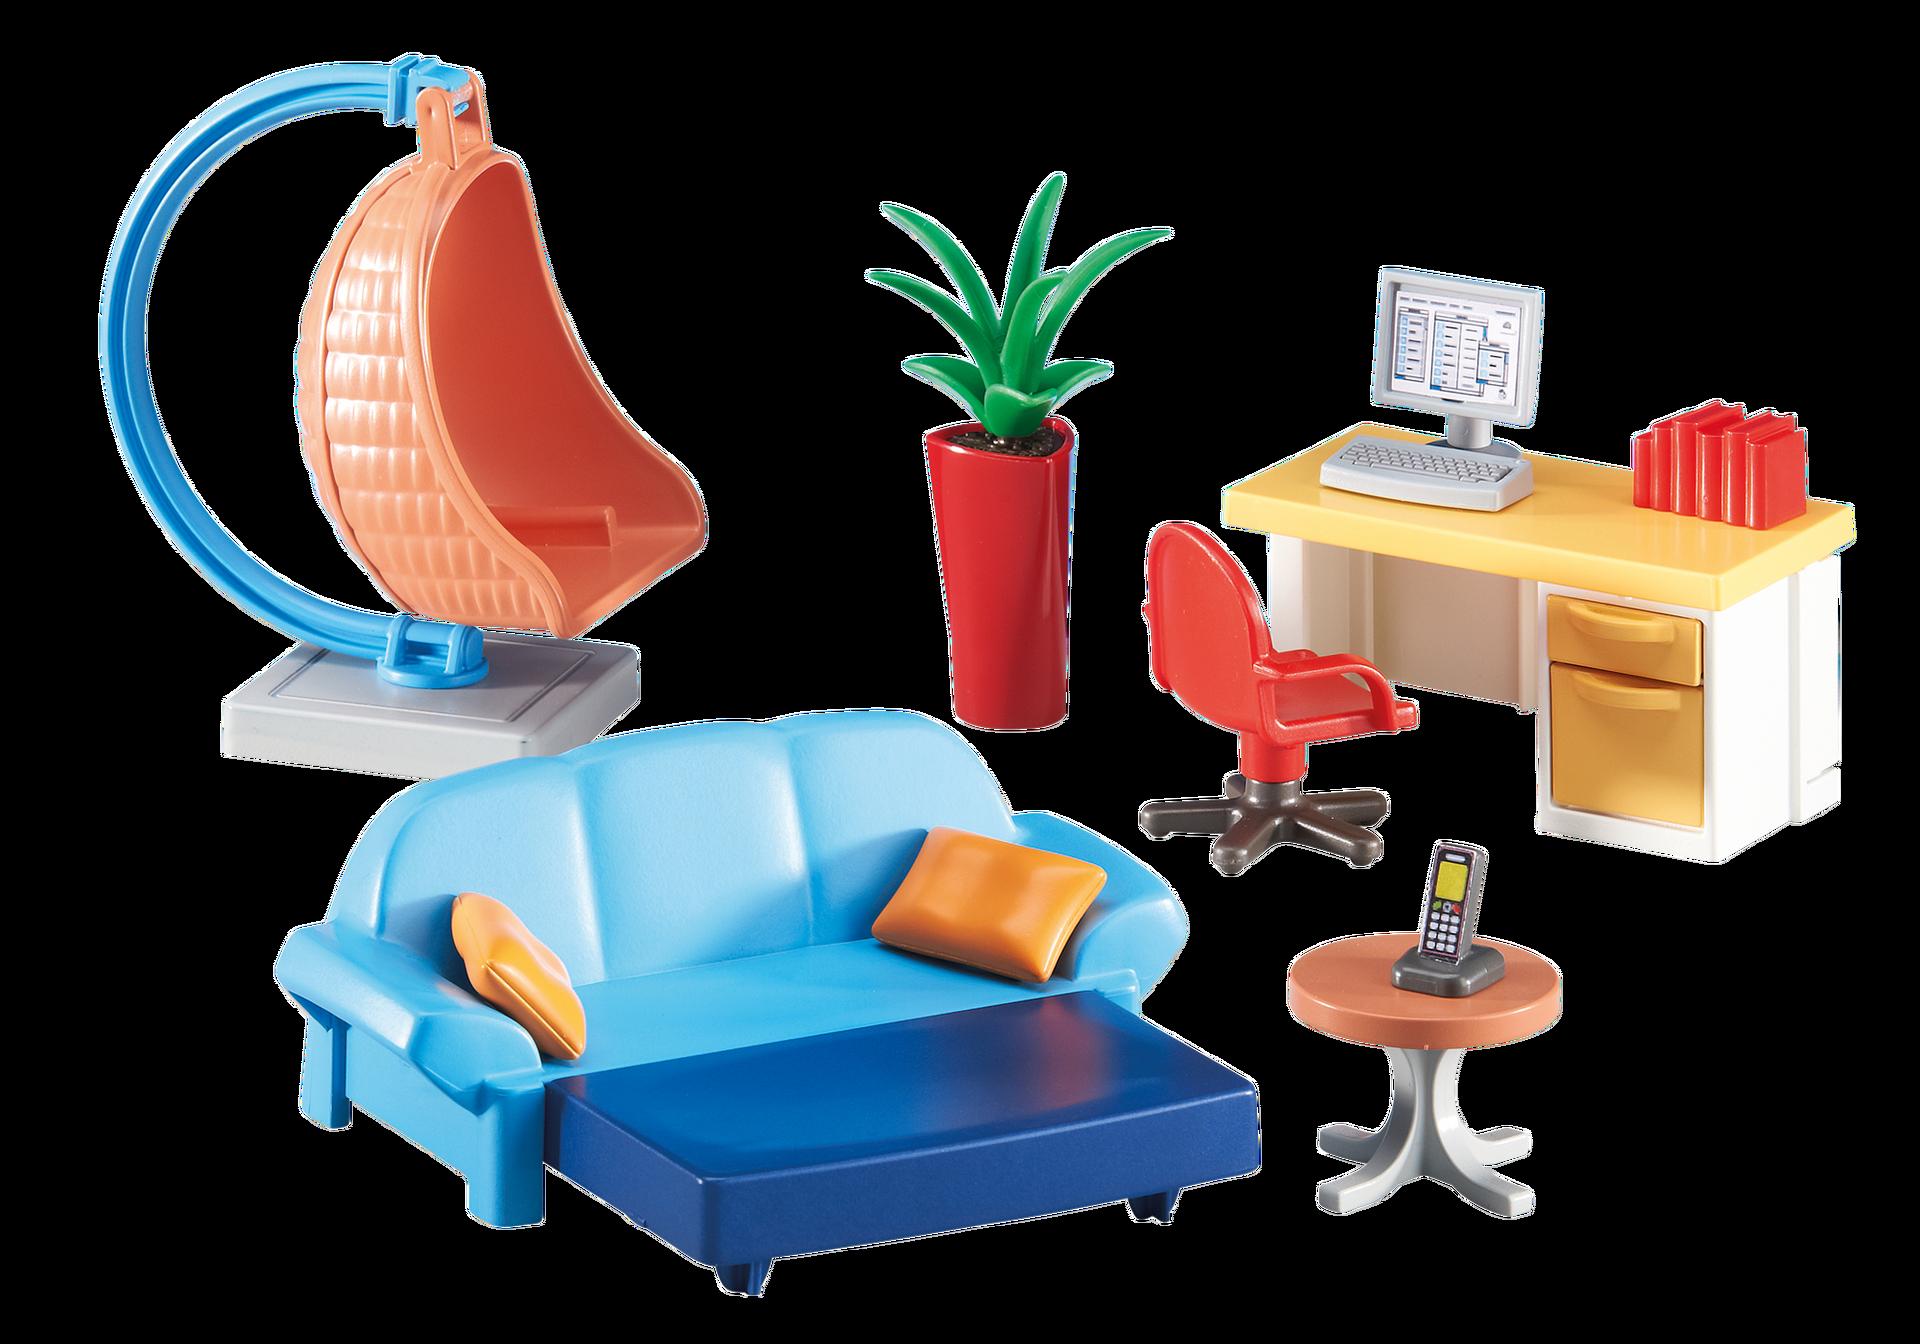 Playmobil Allemagne produit n°6457 Gamme : City Life Produit ...